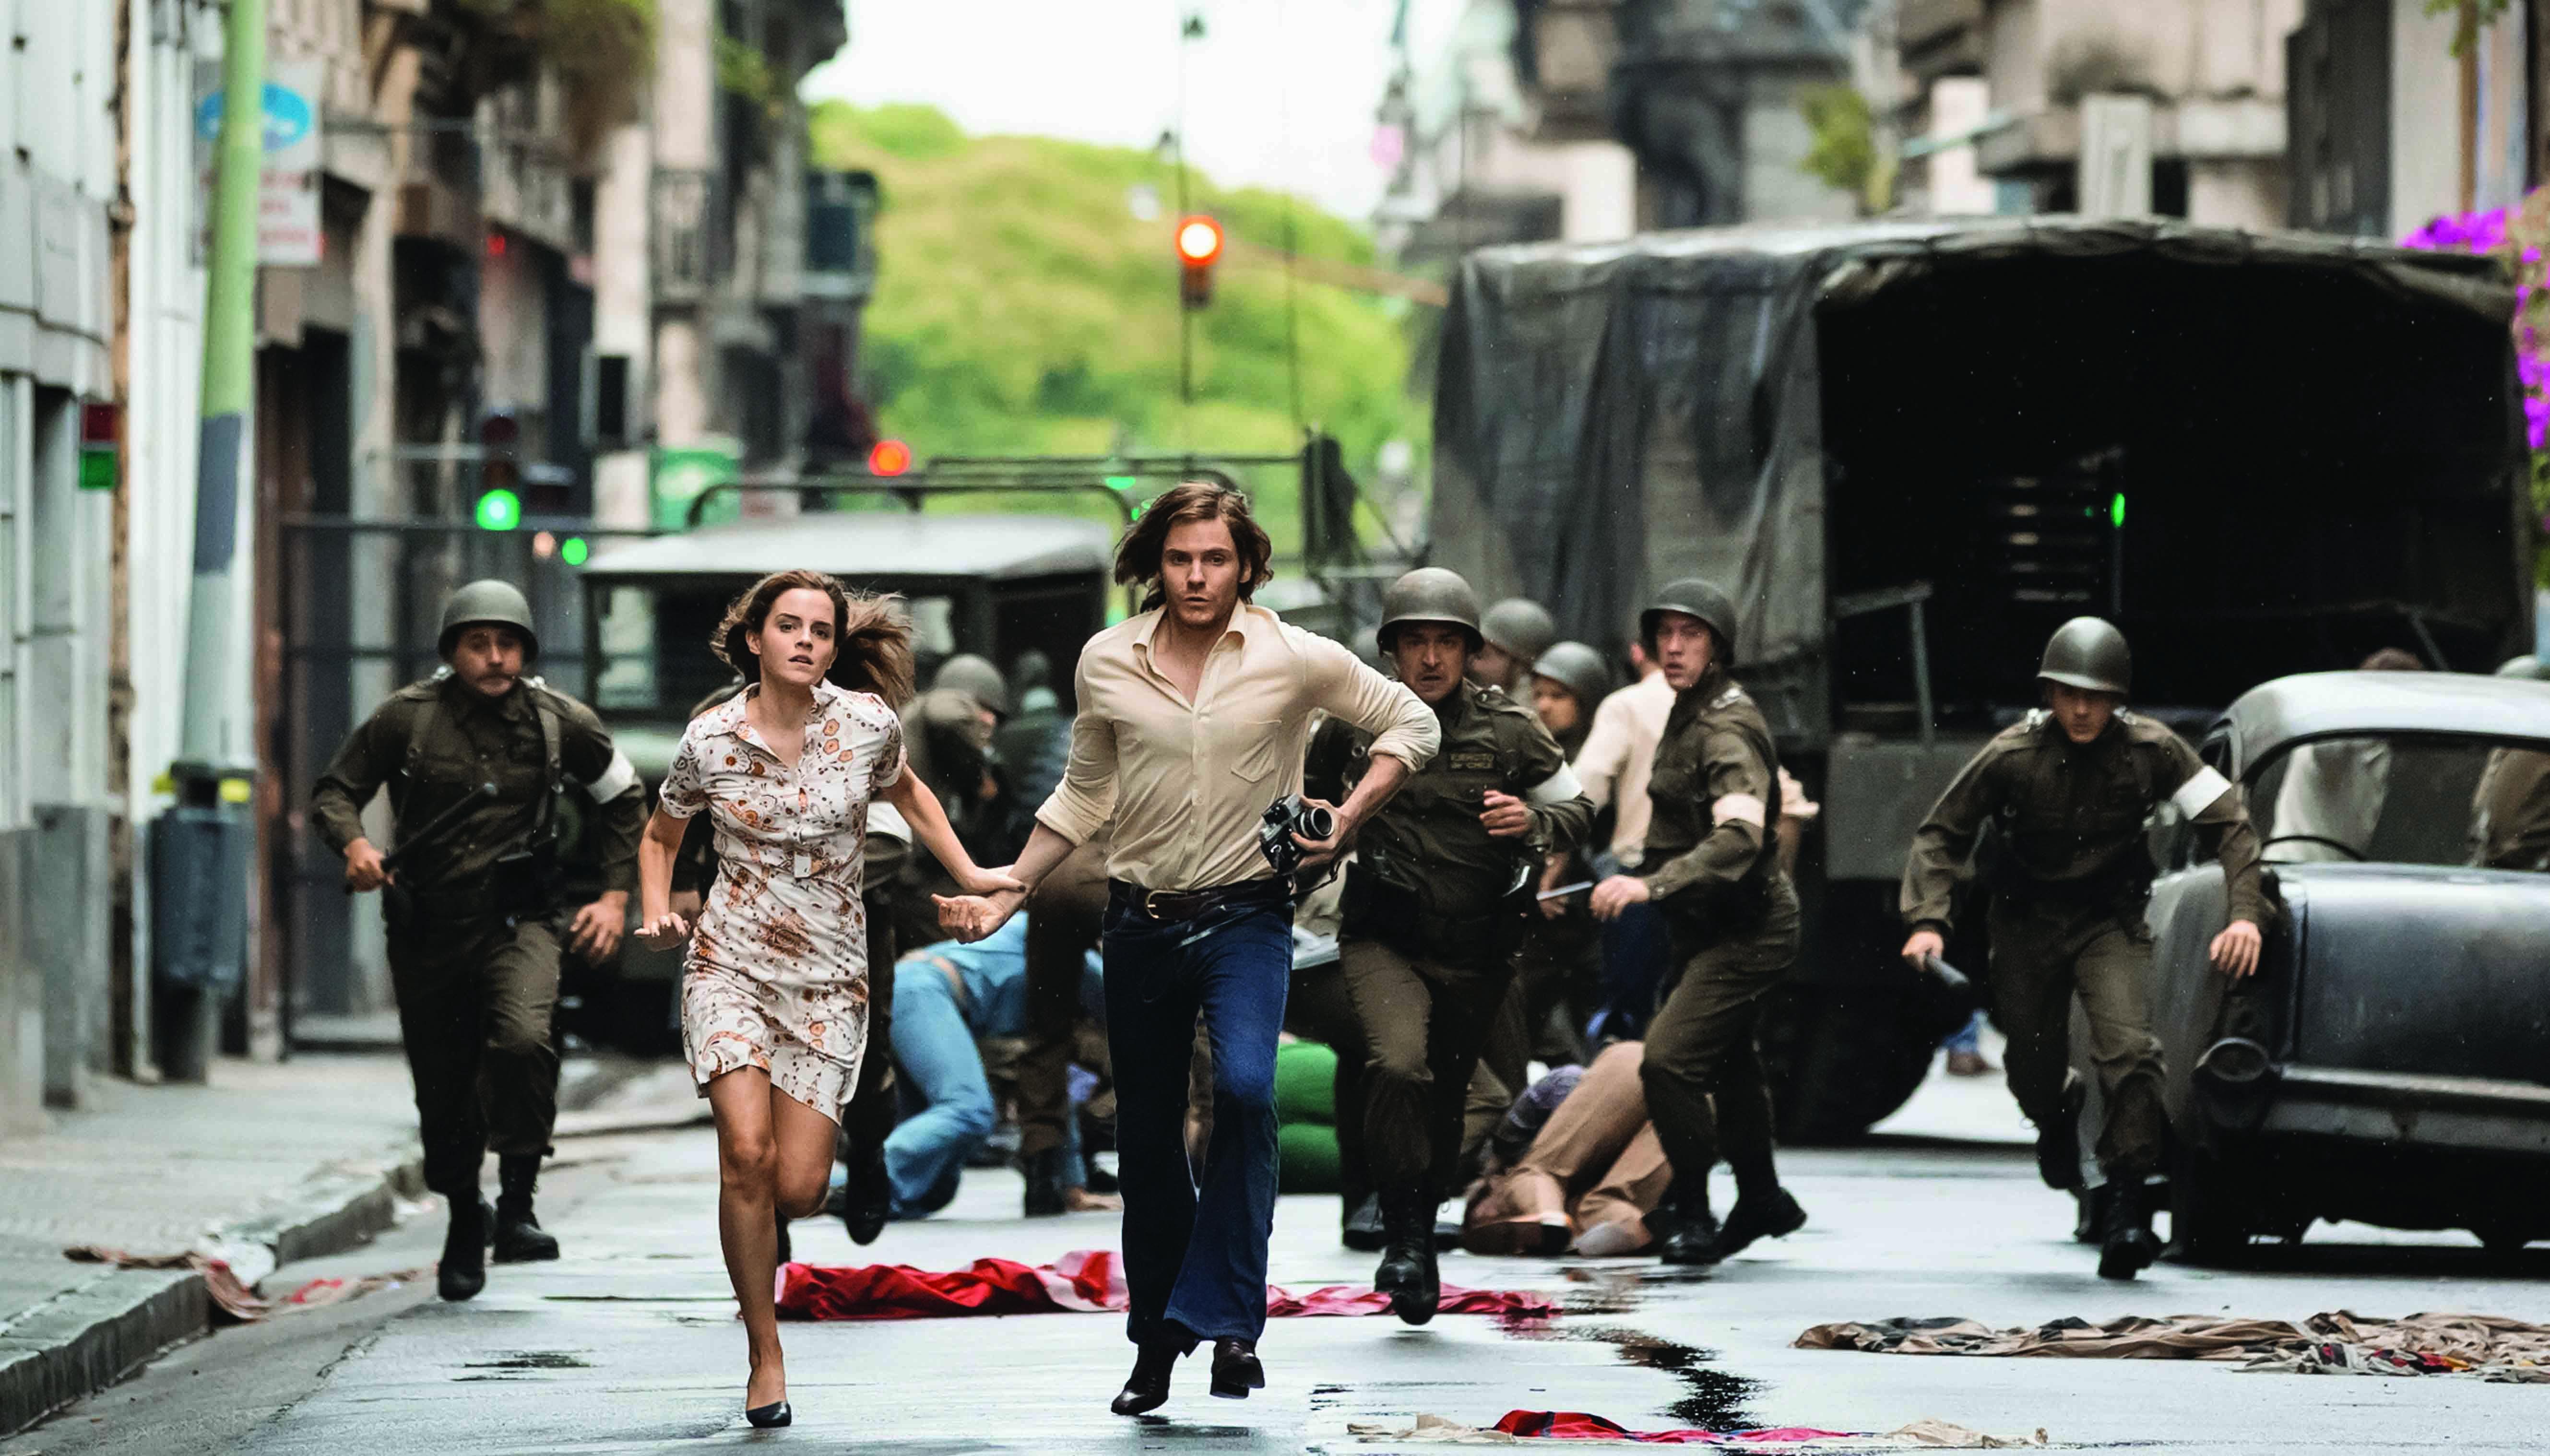 Colonia, il film sul colpo di Stato militare avvenuto in Cile nel 1973